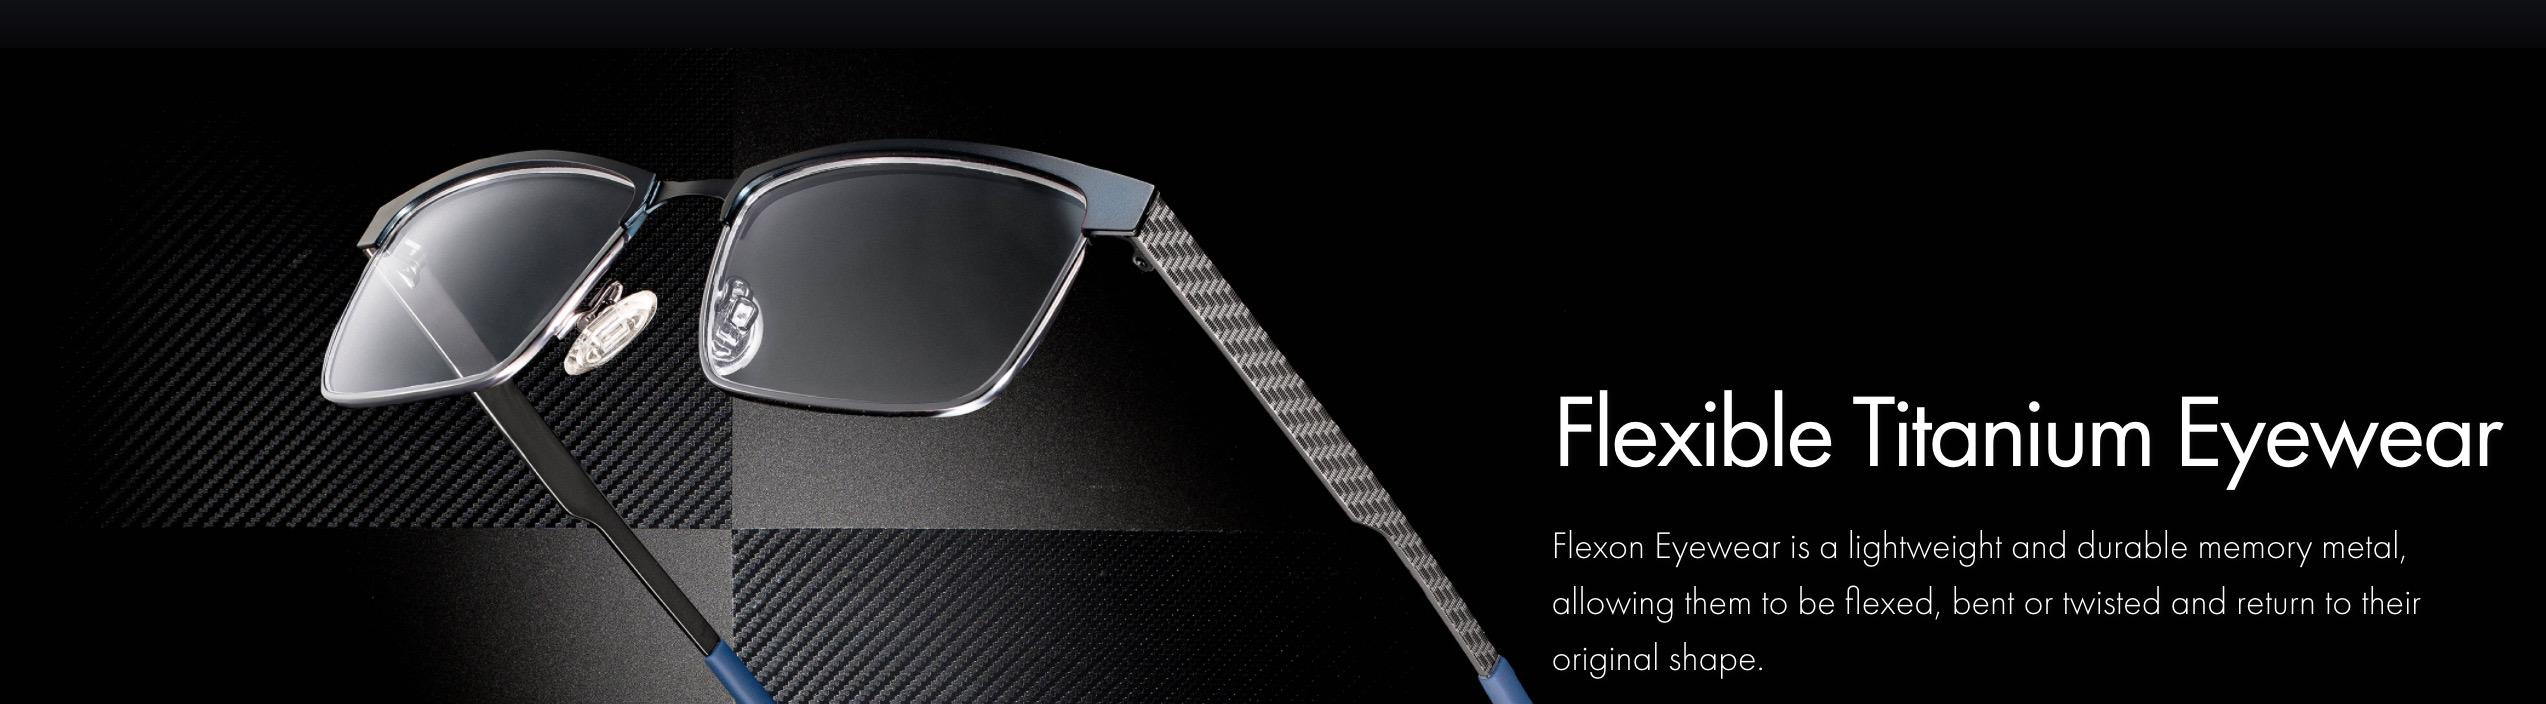 Flexible Glasses by Flexon